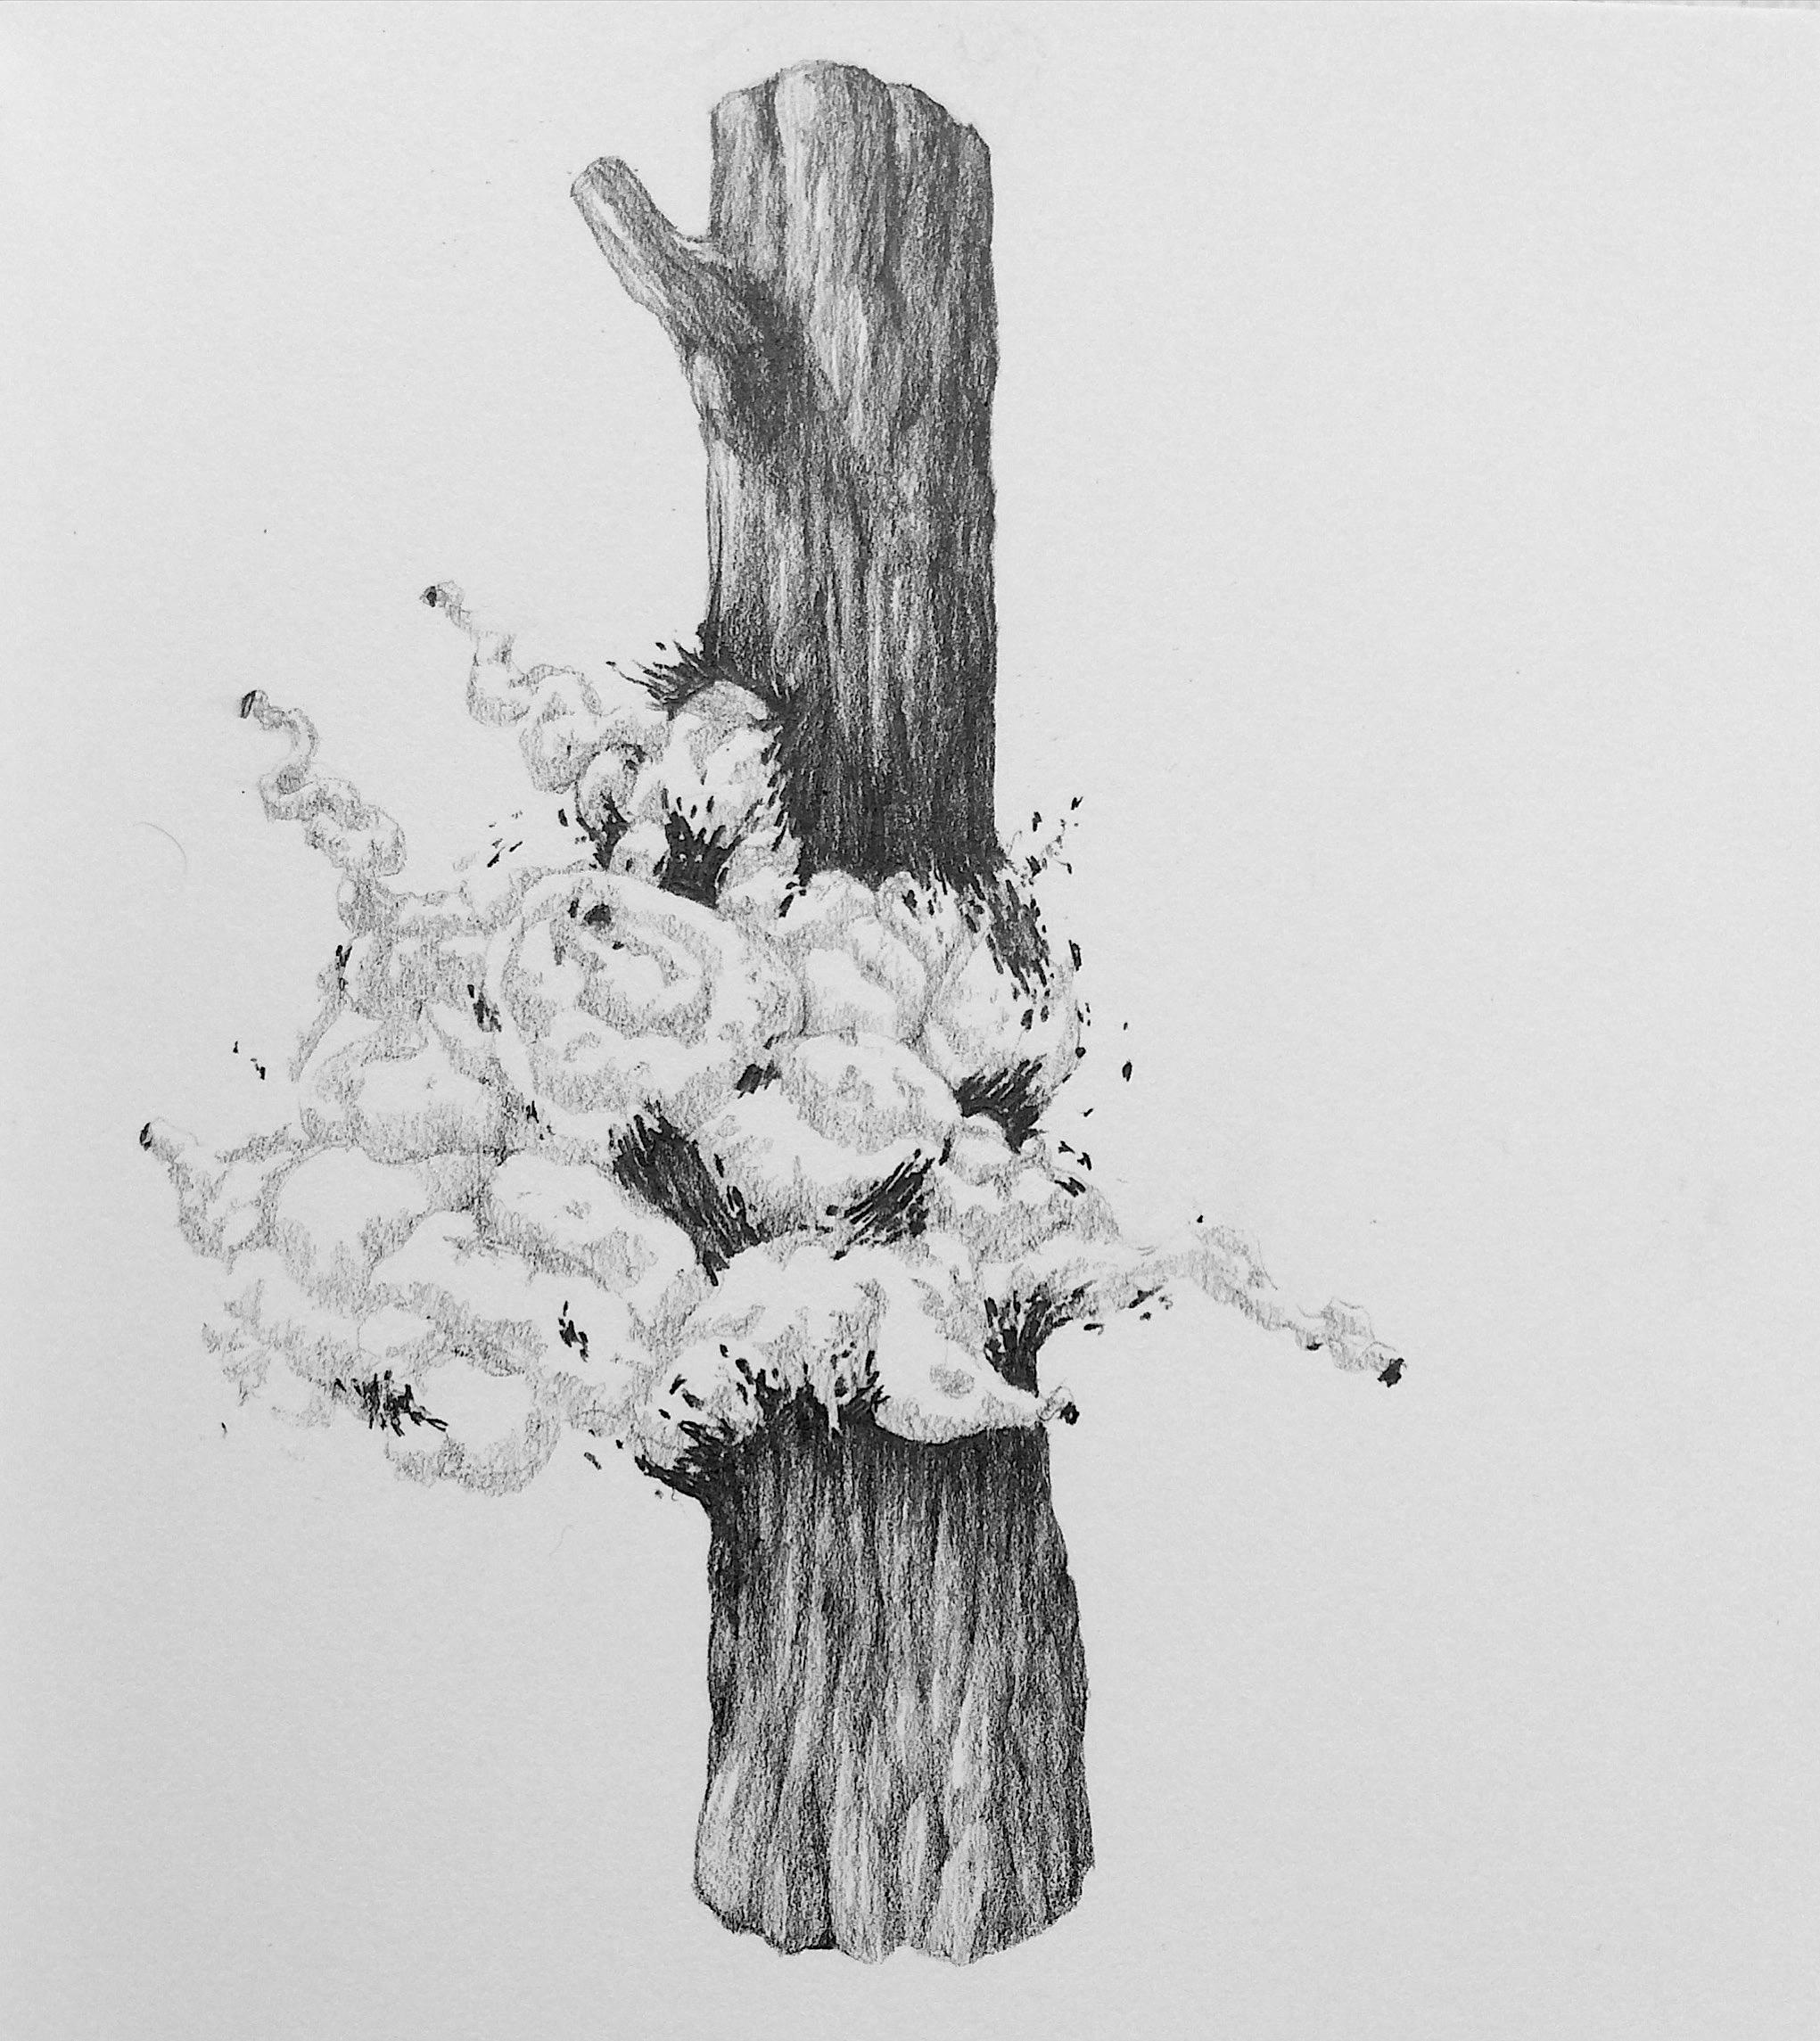 A5, graphite